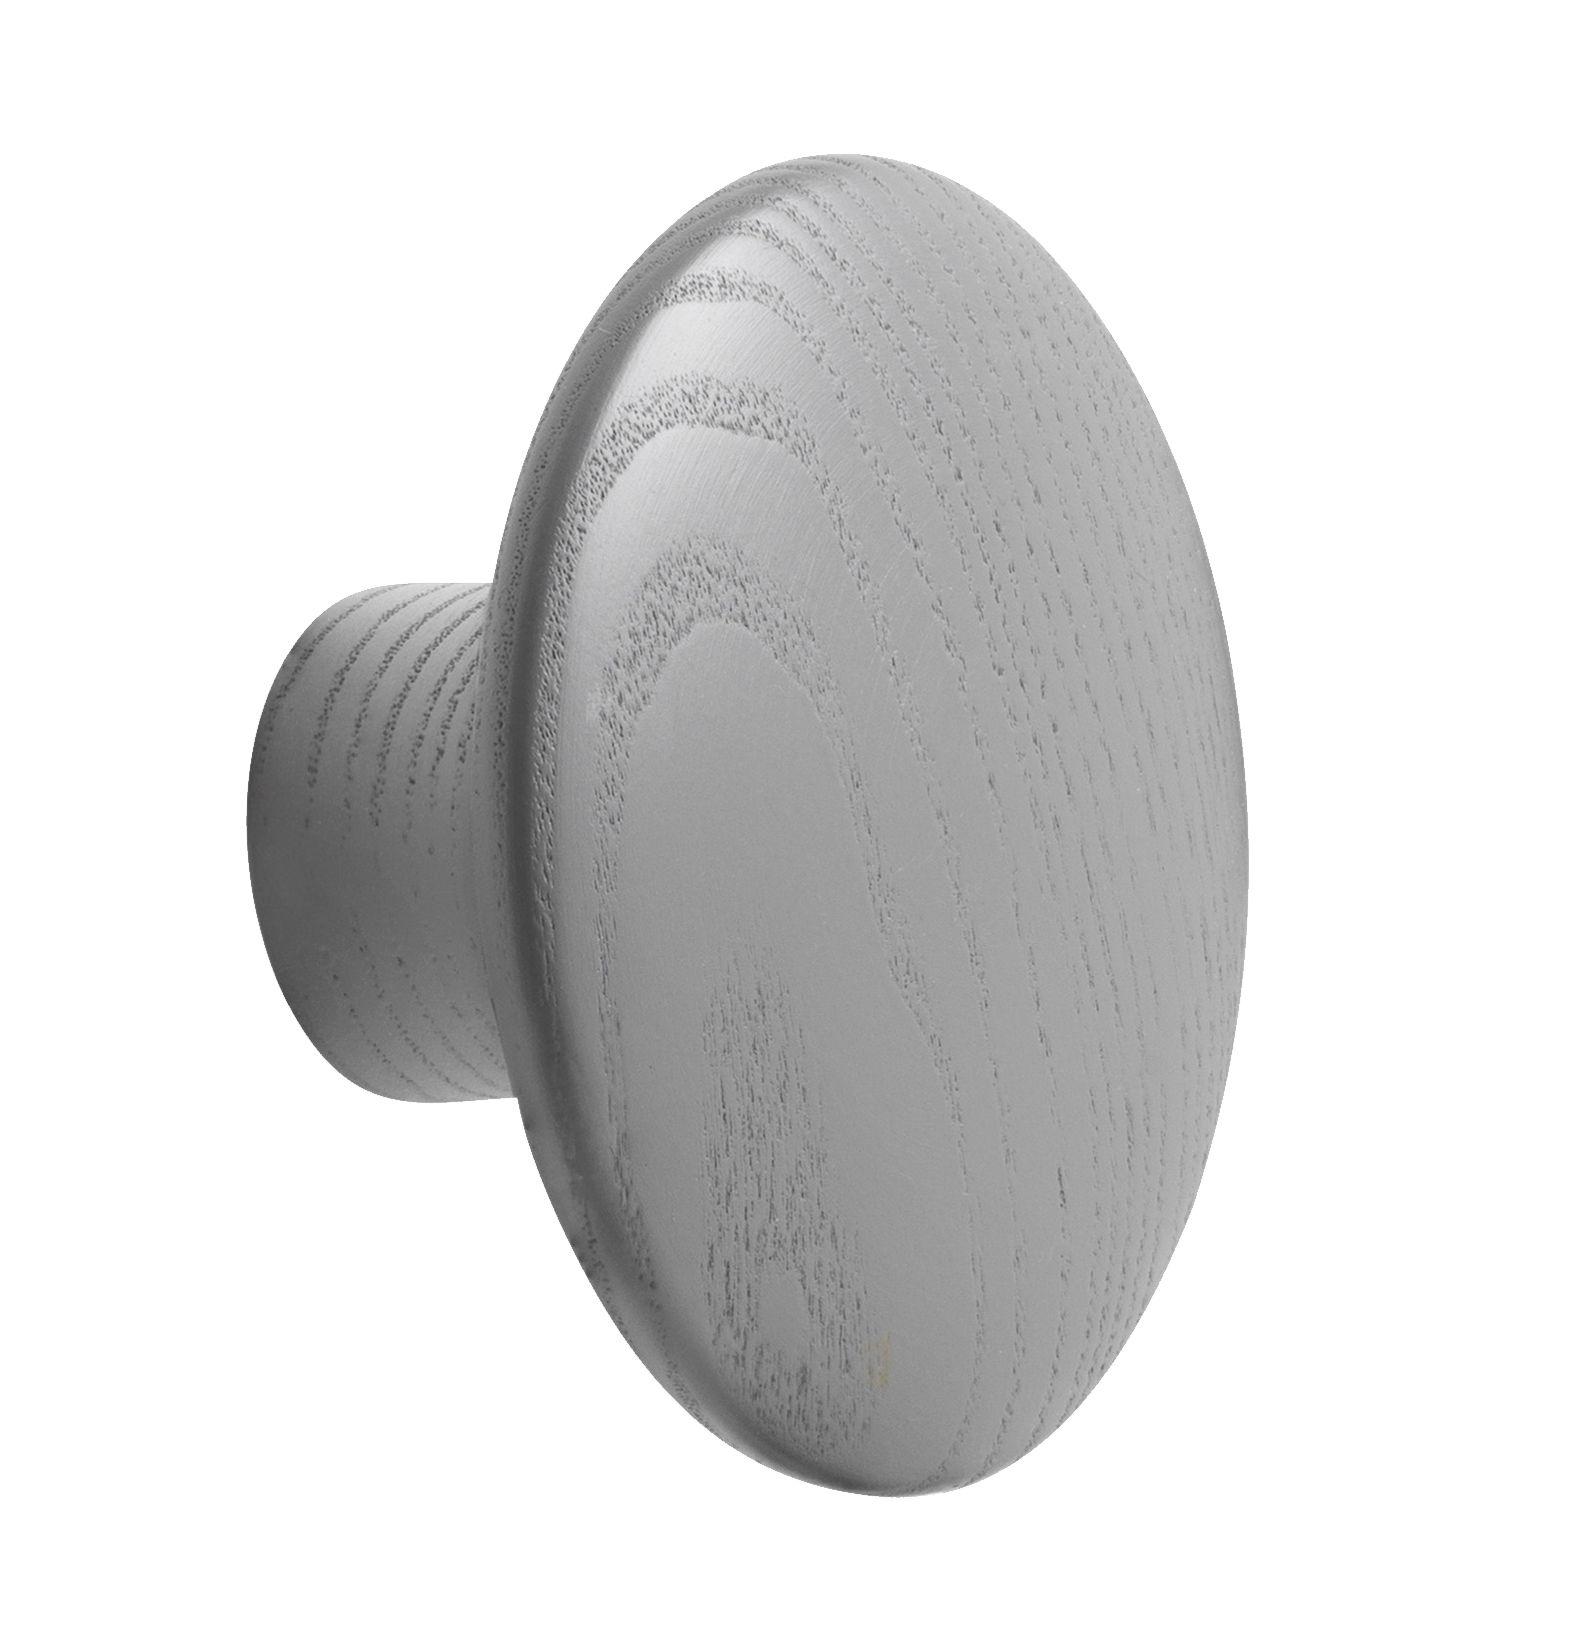 Arredamento - Appendiabiti  - Gancio The dots / Small - Ø 9 cm - Muuto - Grigio scuro - Frassino tinto